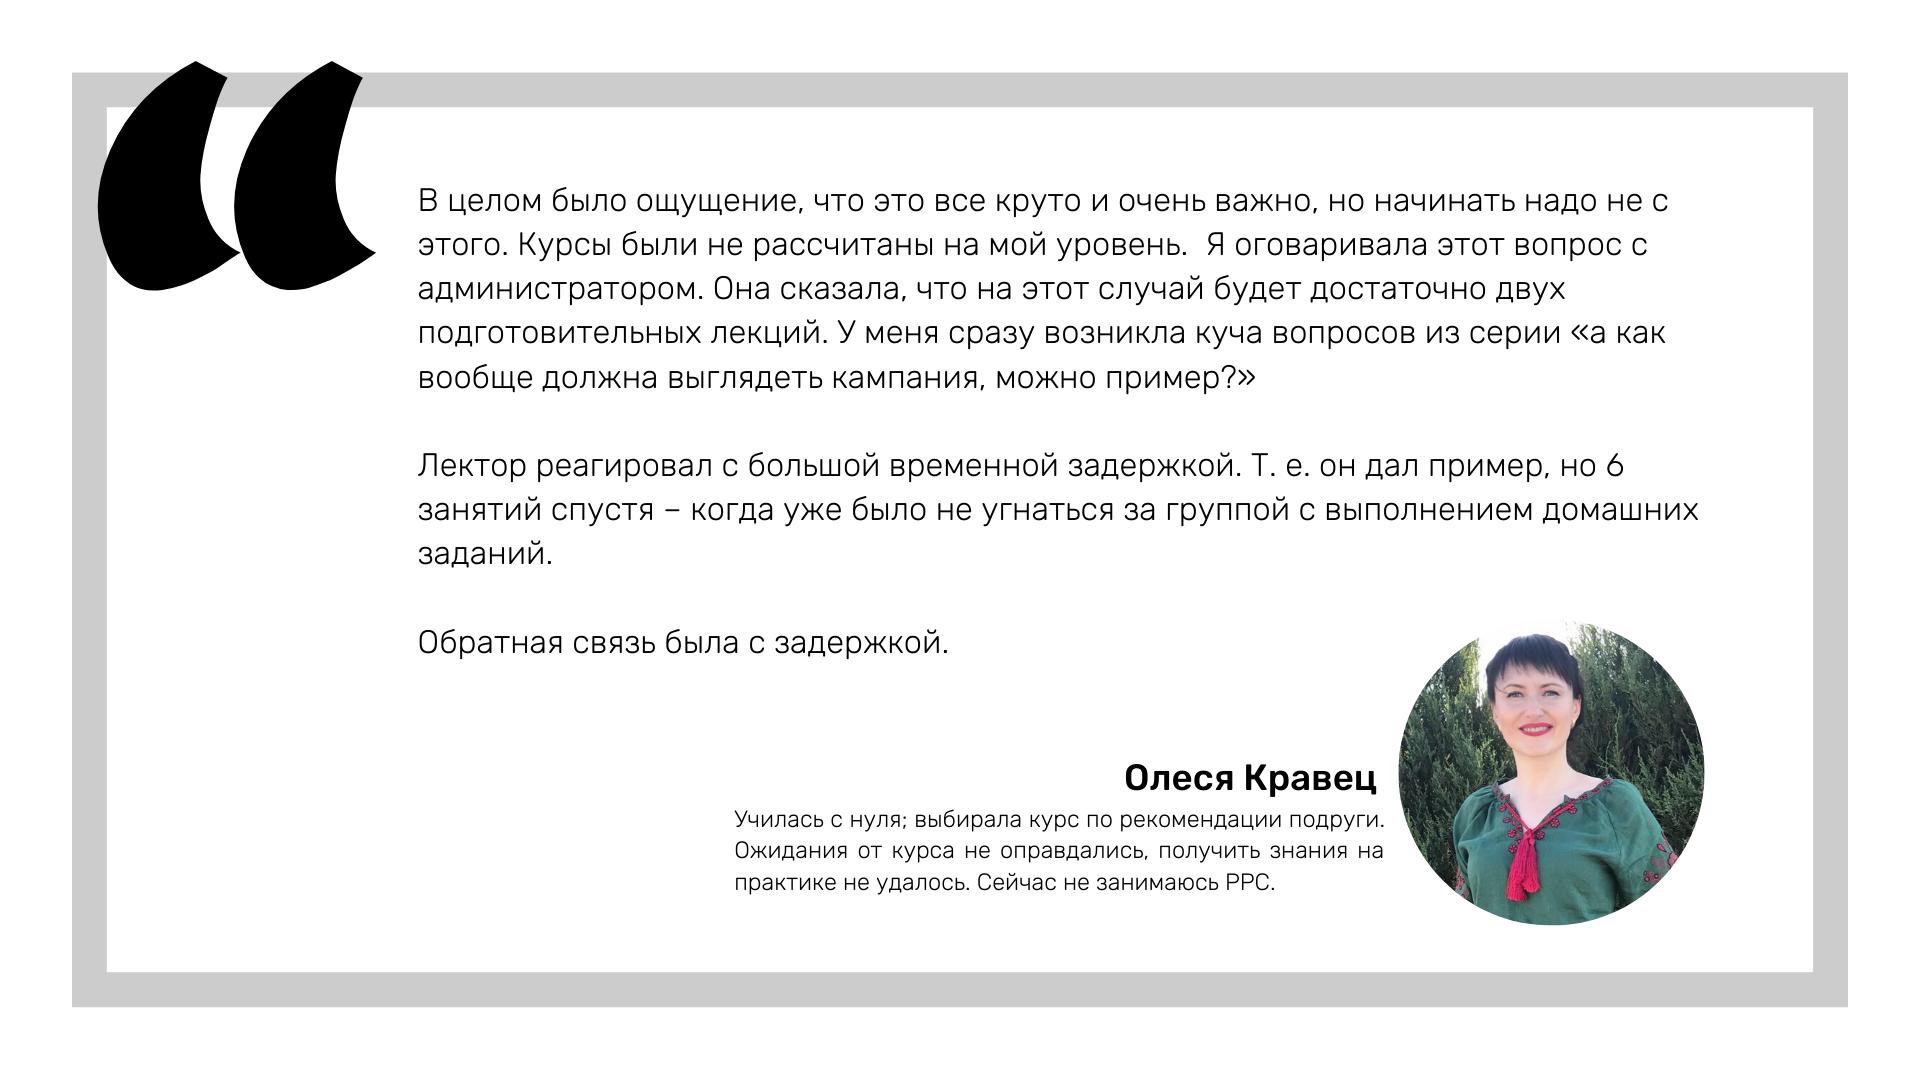 Отзыв Олеси Кравец об LVL80